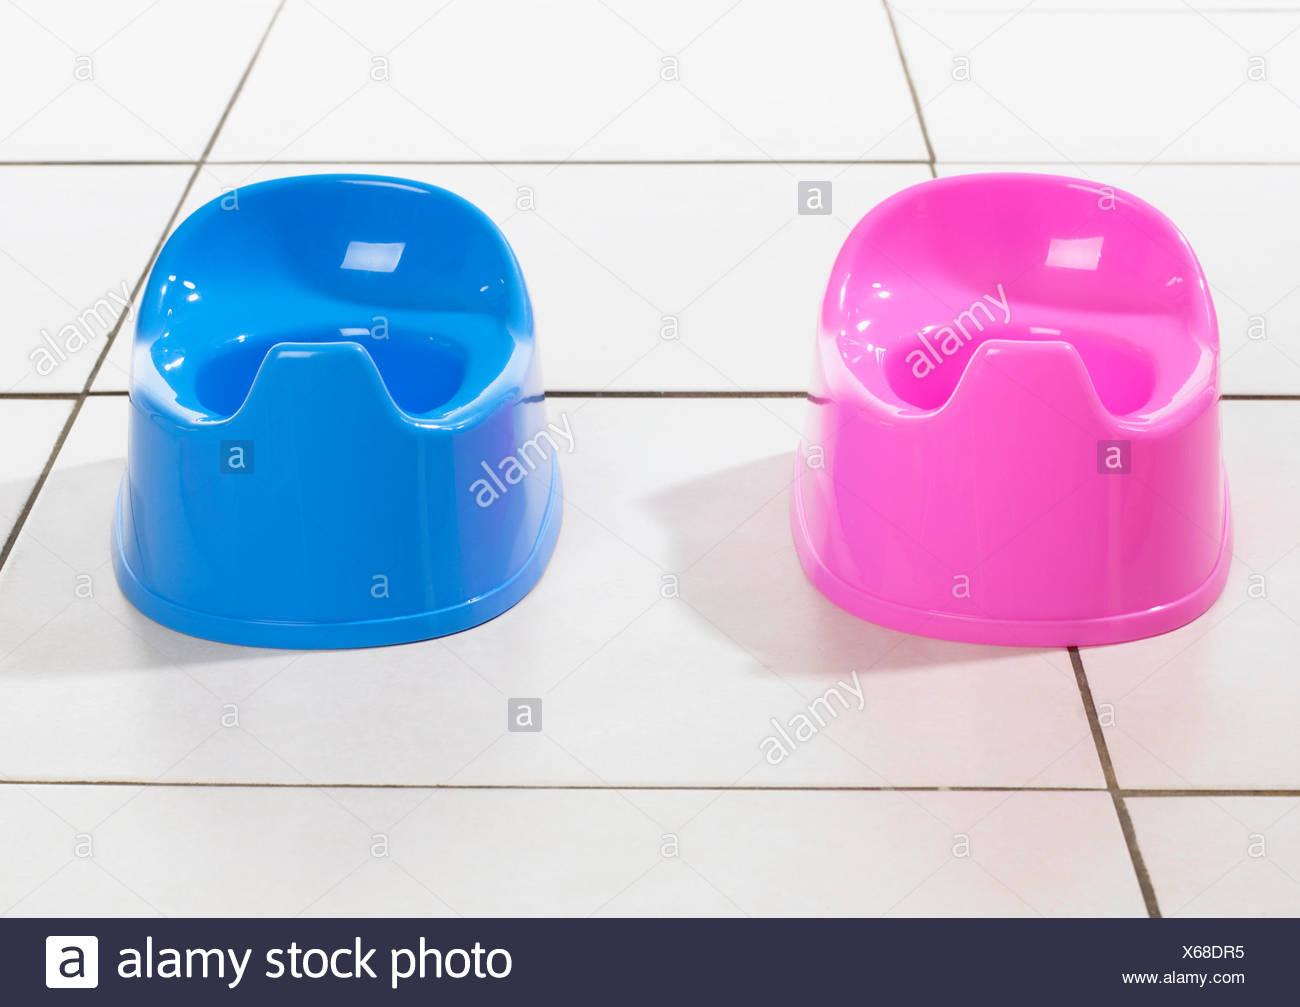 Des pots en plastique pour les filles et les garçons en rose et bleu Photo Stock